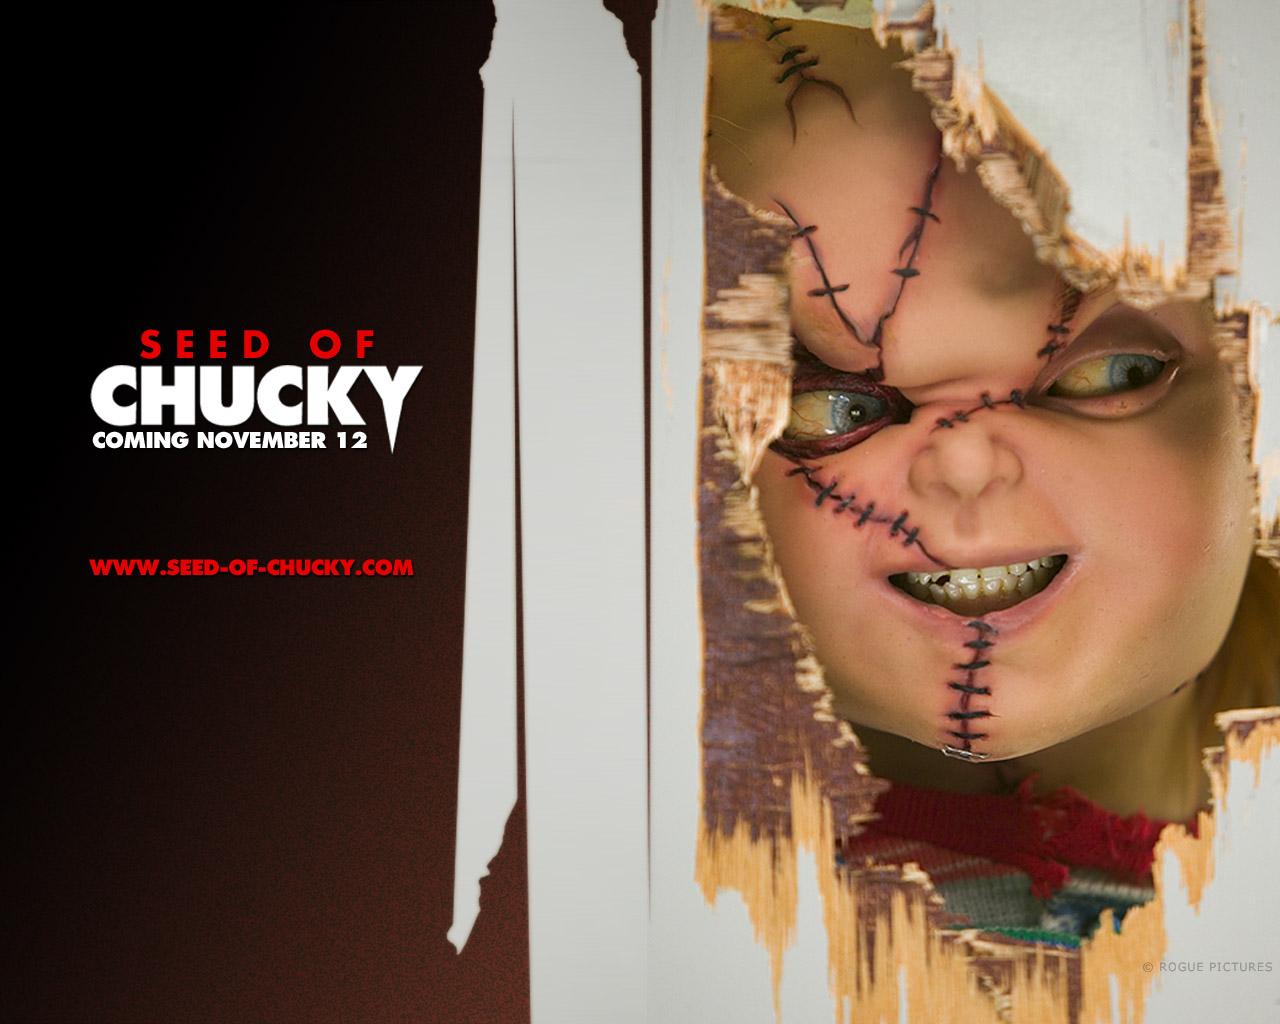 of chucky cast curse of chucky imdb curse of chucky theater date curse